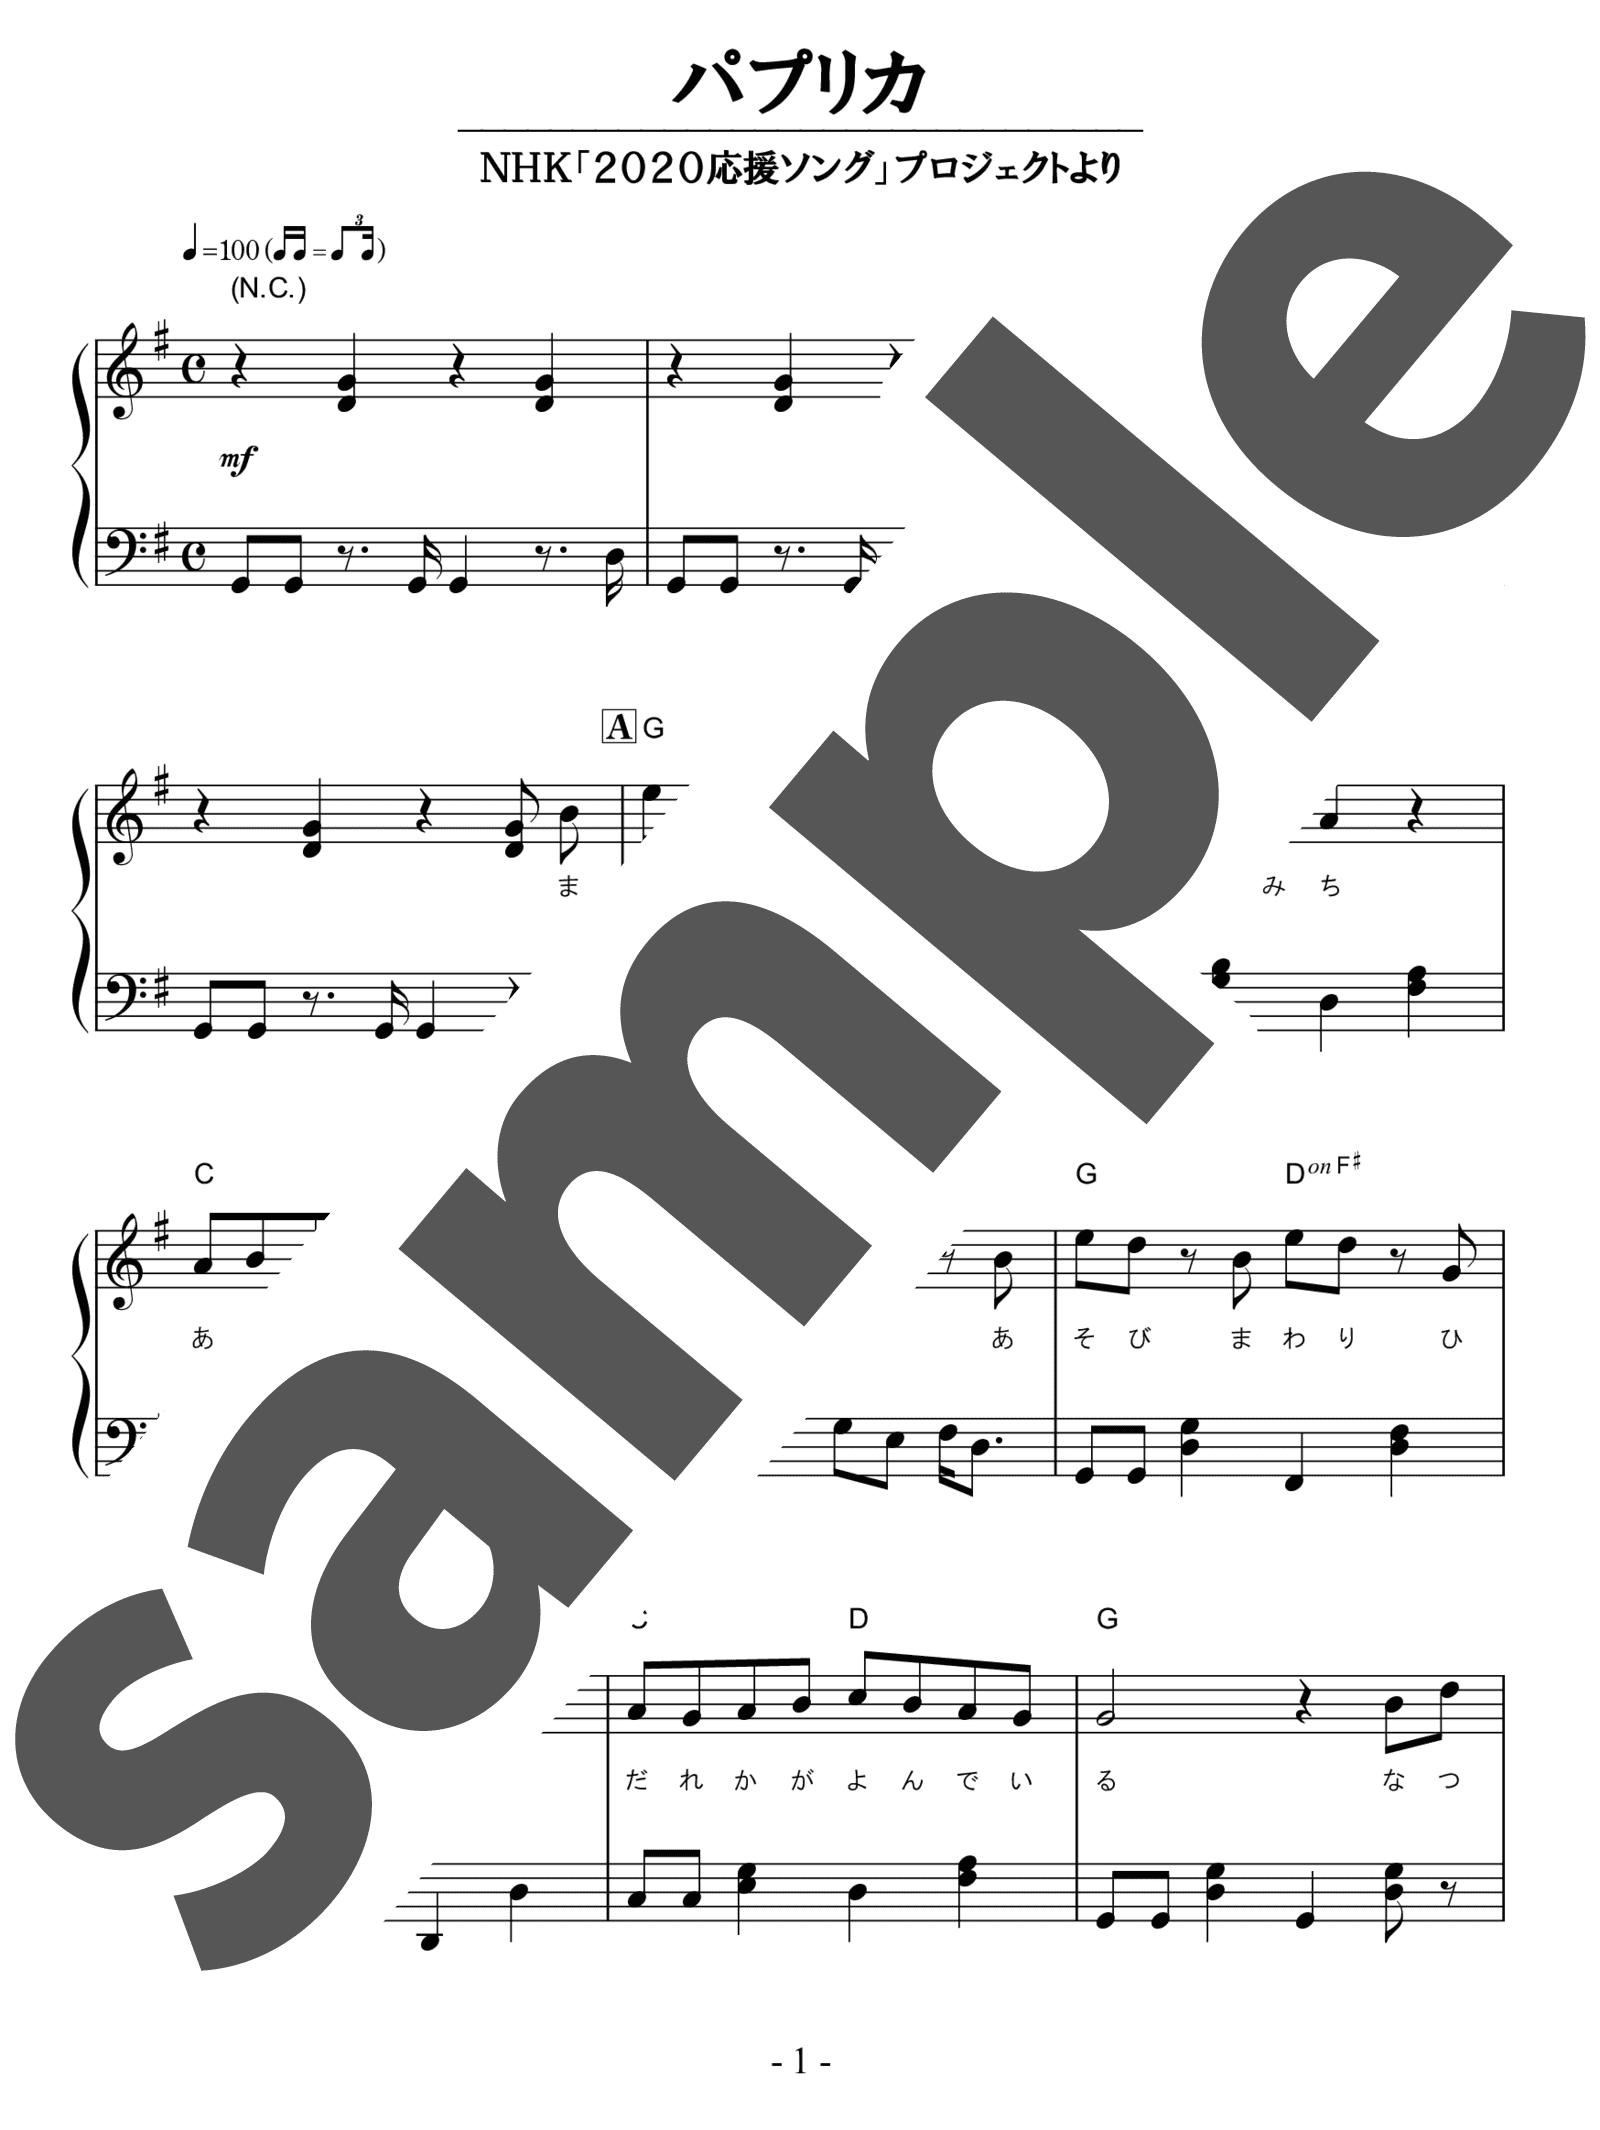 【ピアノ楽譜】パプリカ / Foorin(ソロ / 初級)